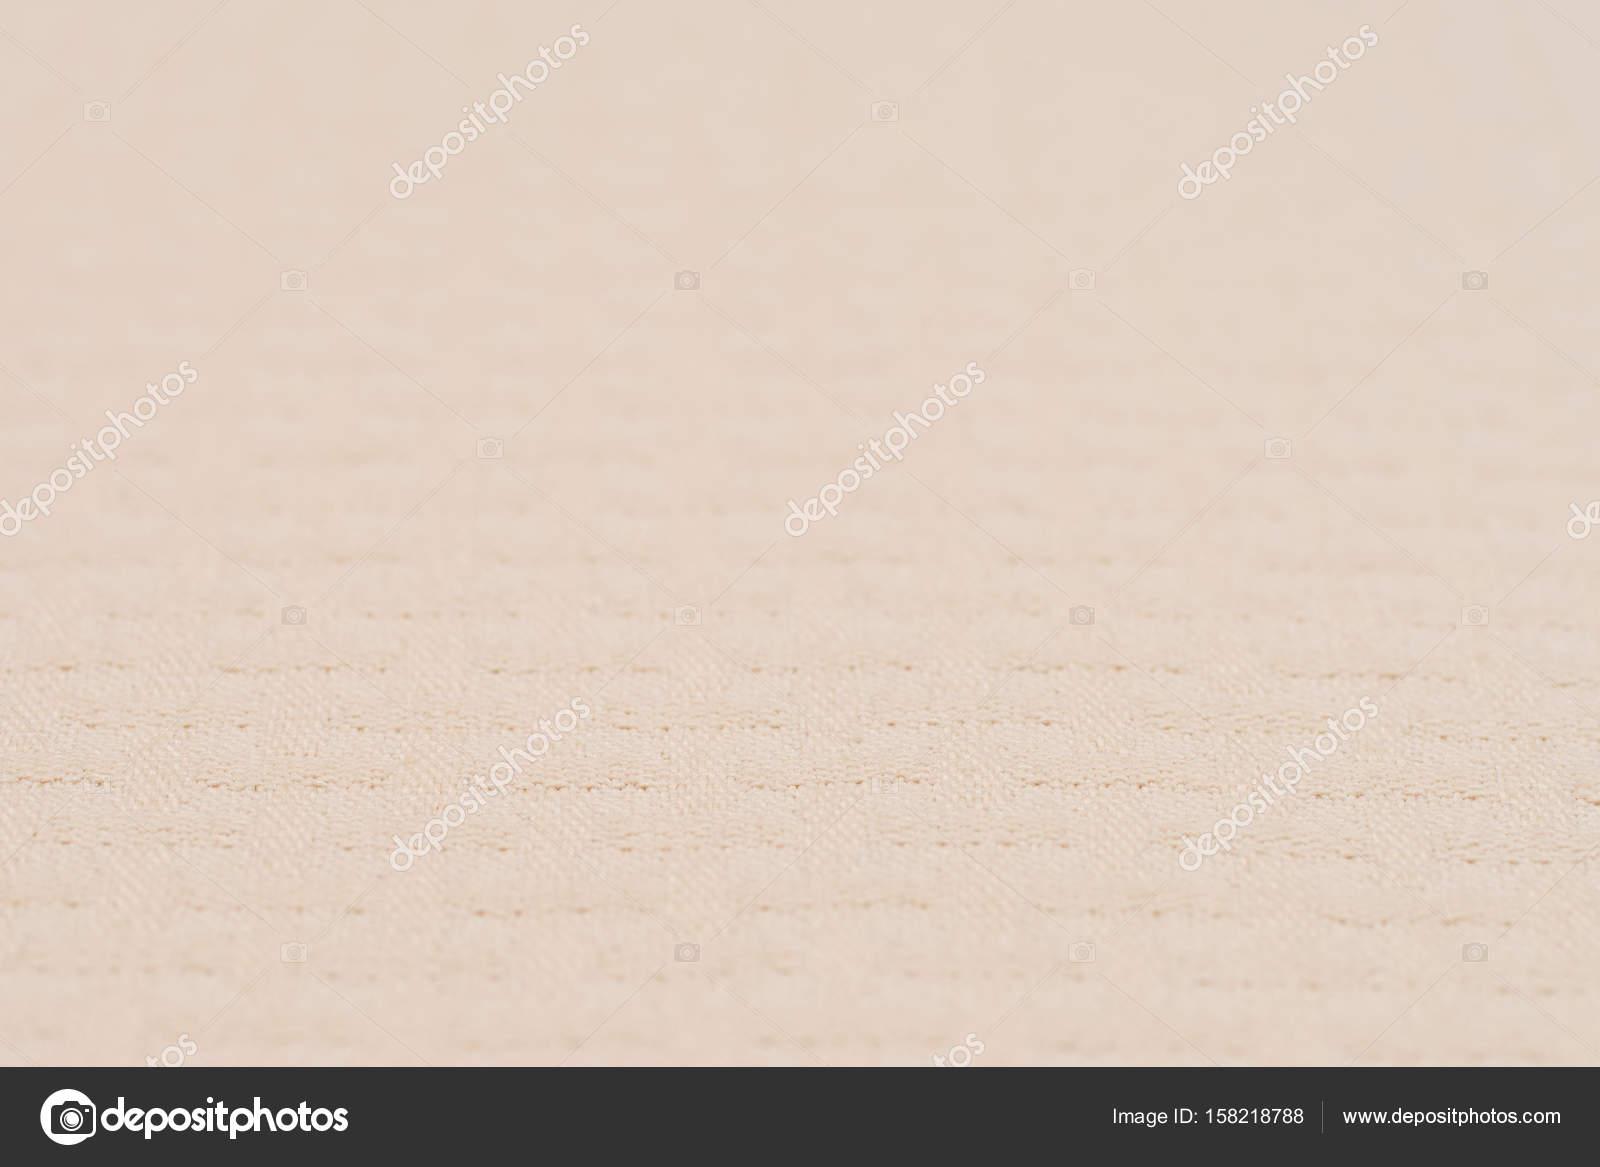 Beige Stoff Textur. Zusammenfassung Hintergrund, leere Vorlage ...